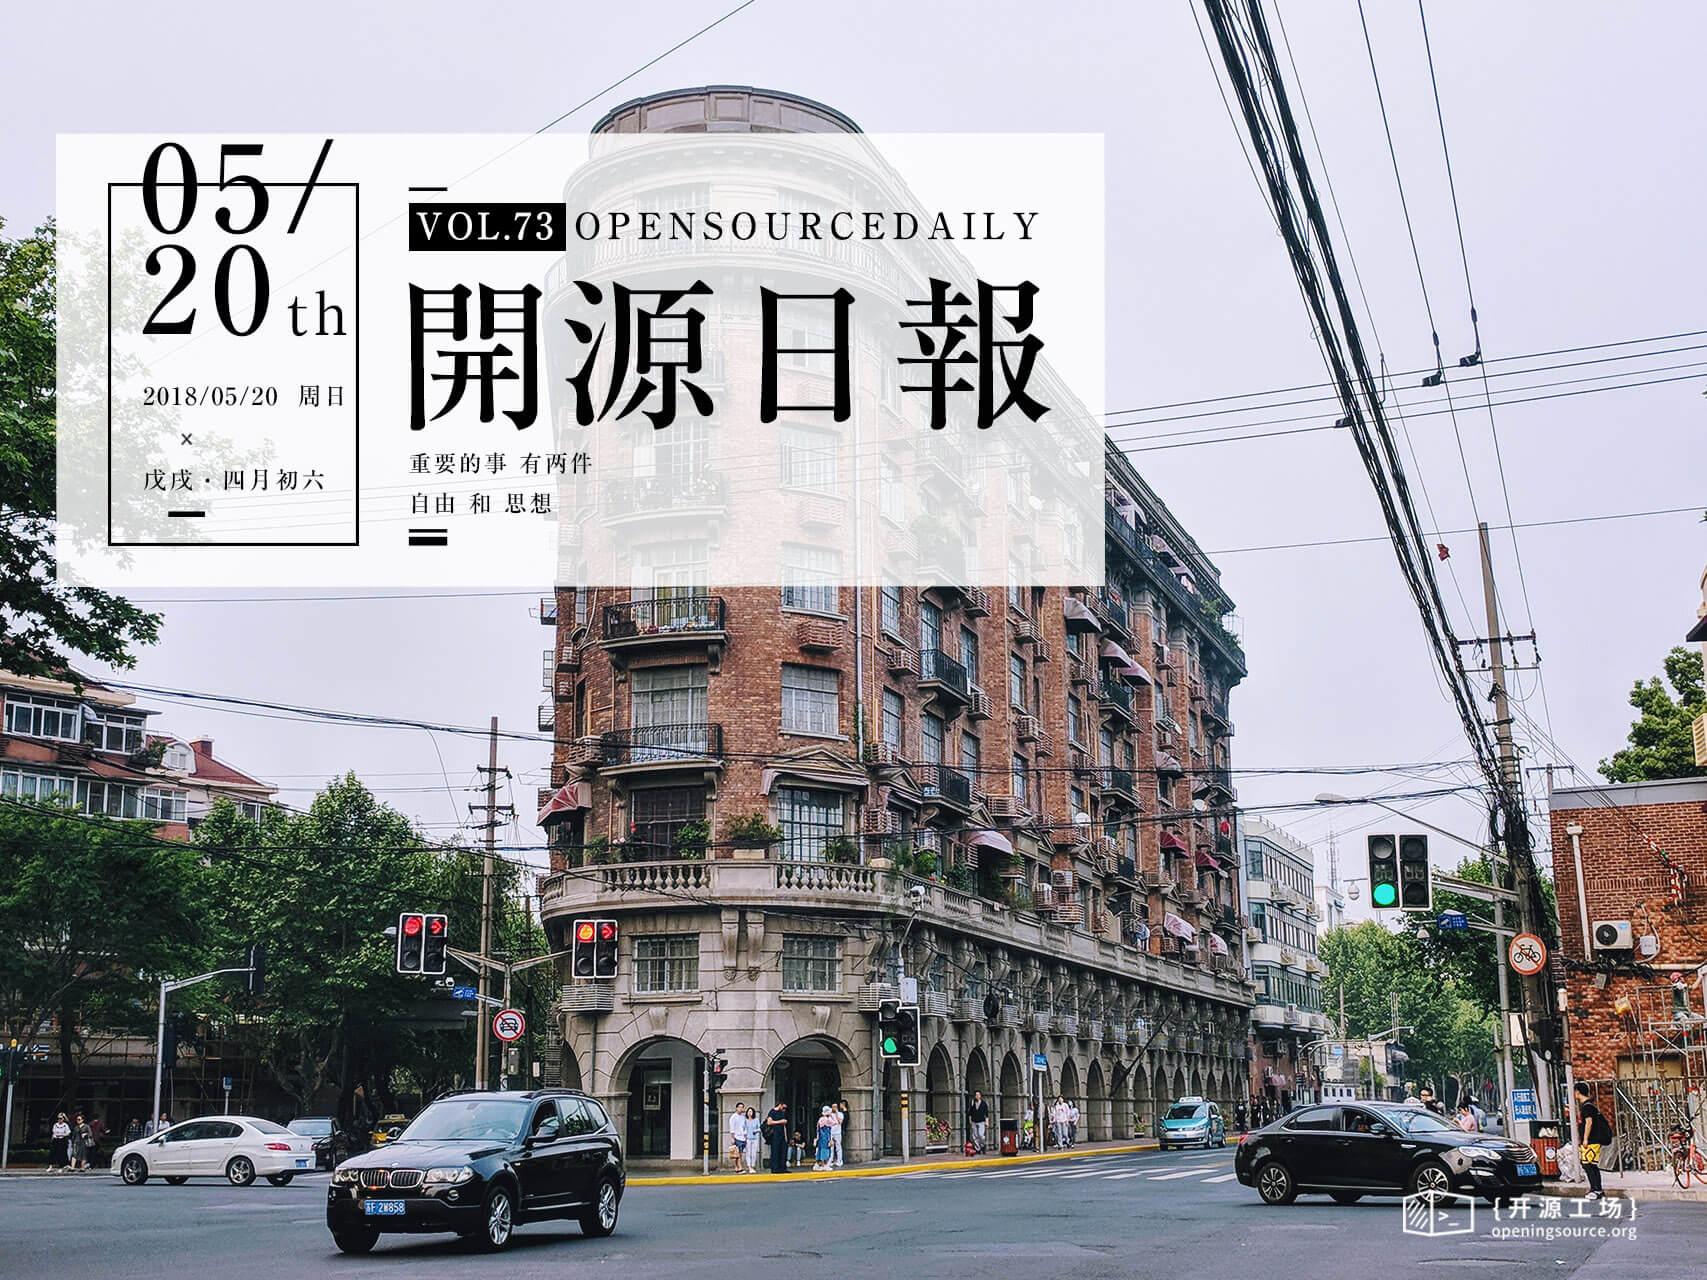 2018年5月20日:開源日報第73期